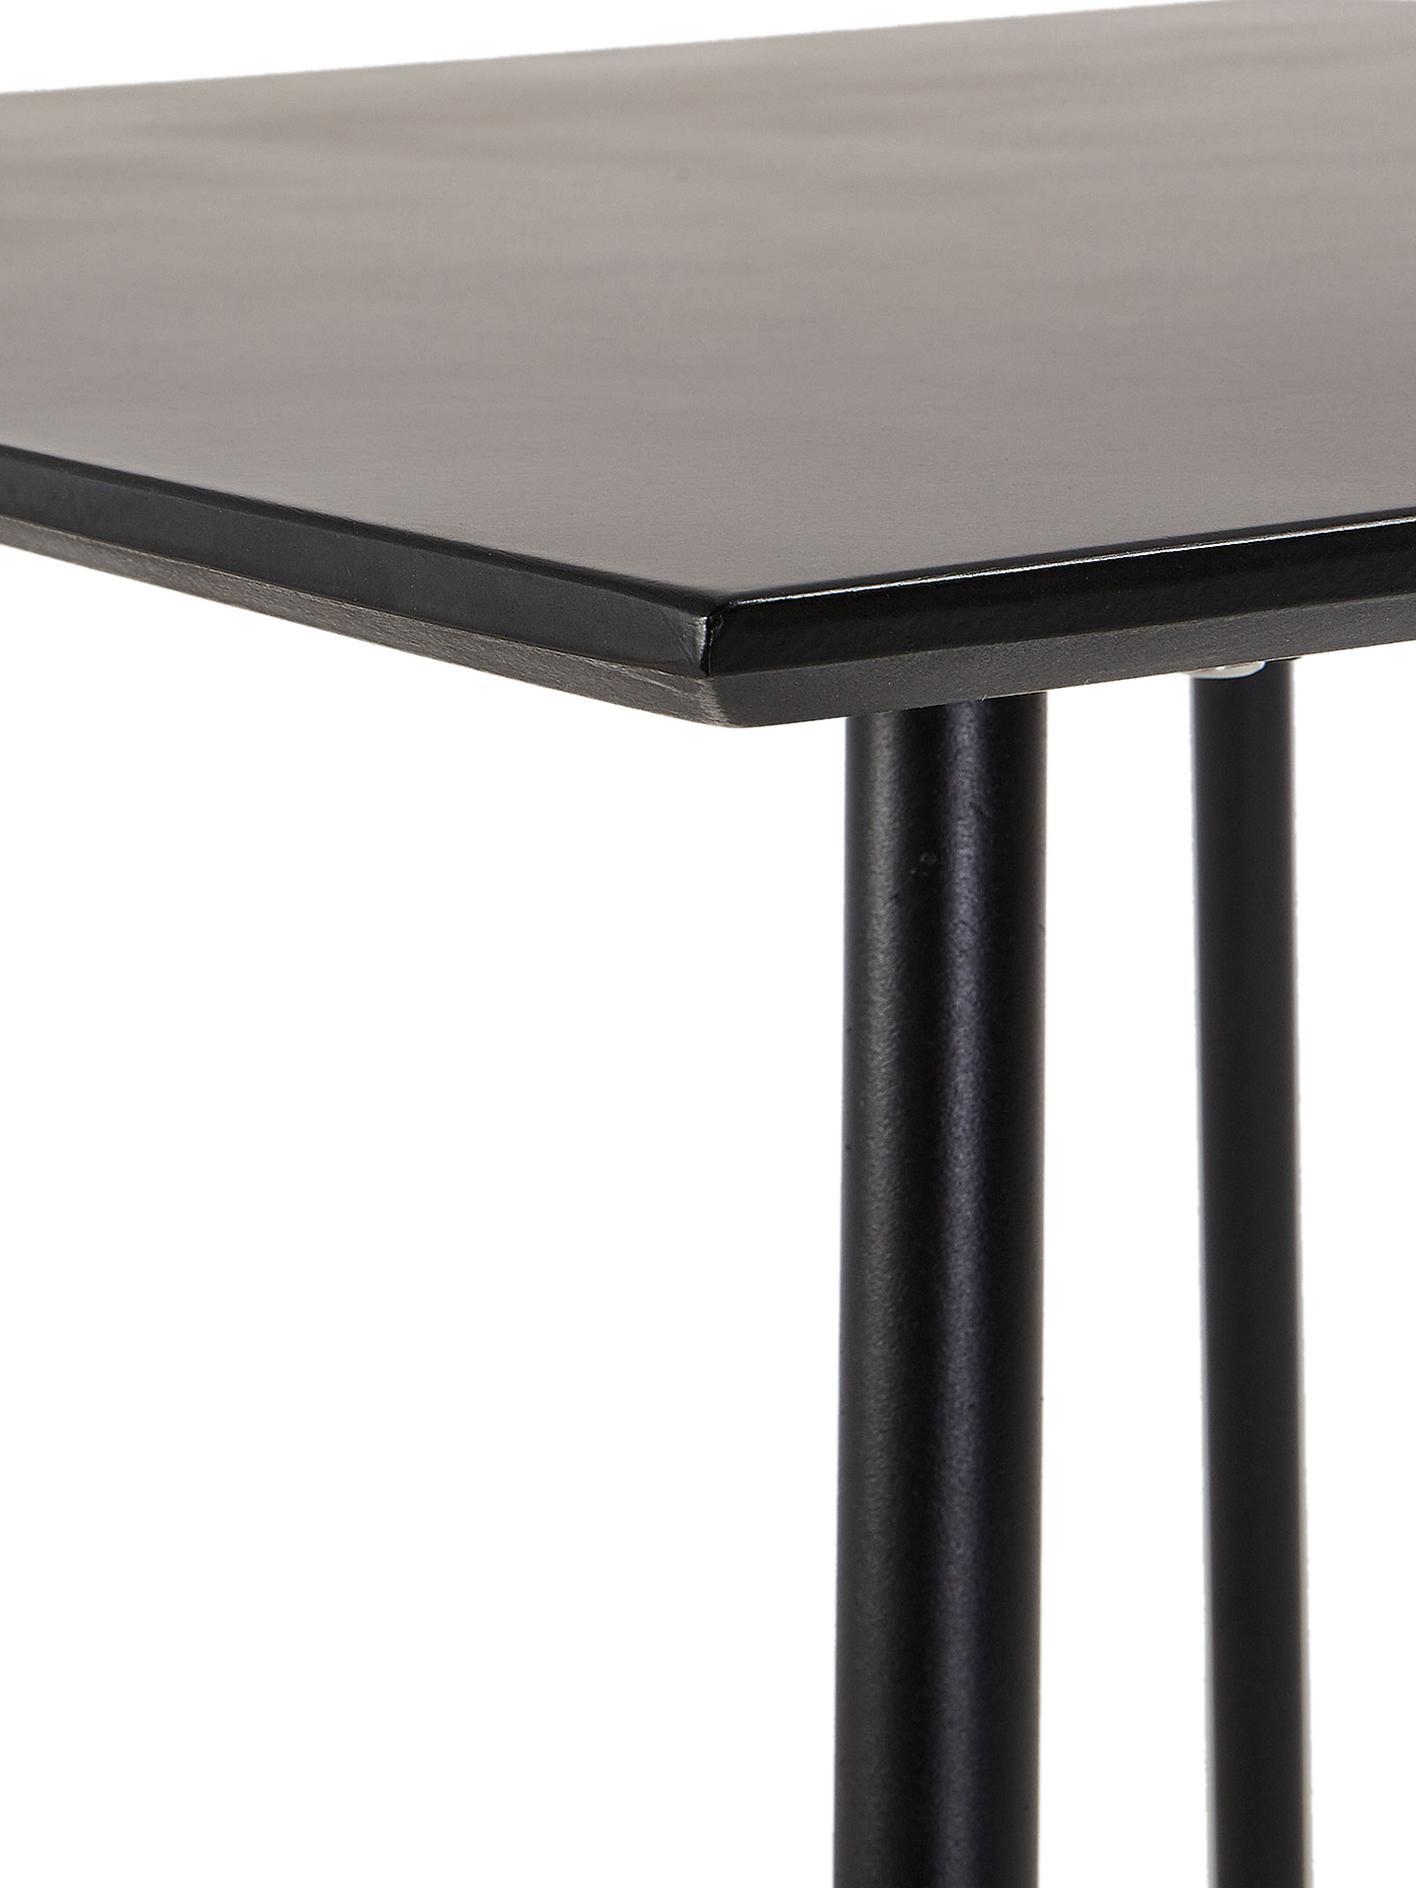 Balkonový stůl z kovu Mathis, Bílá, mosazná